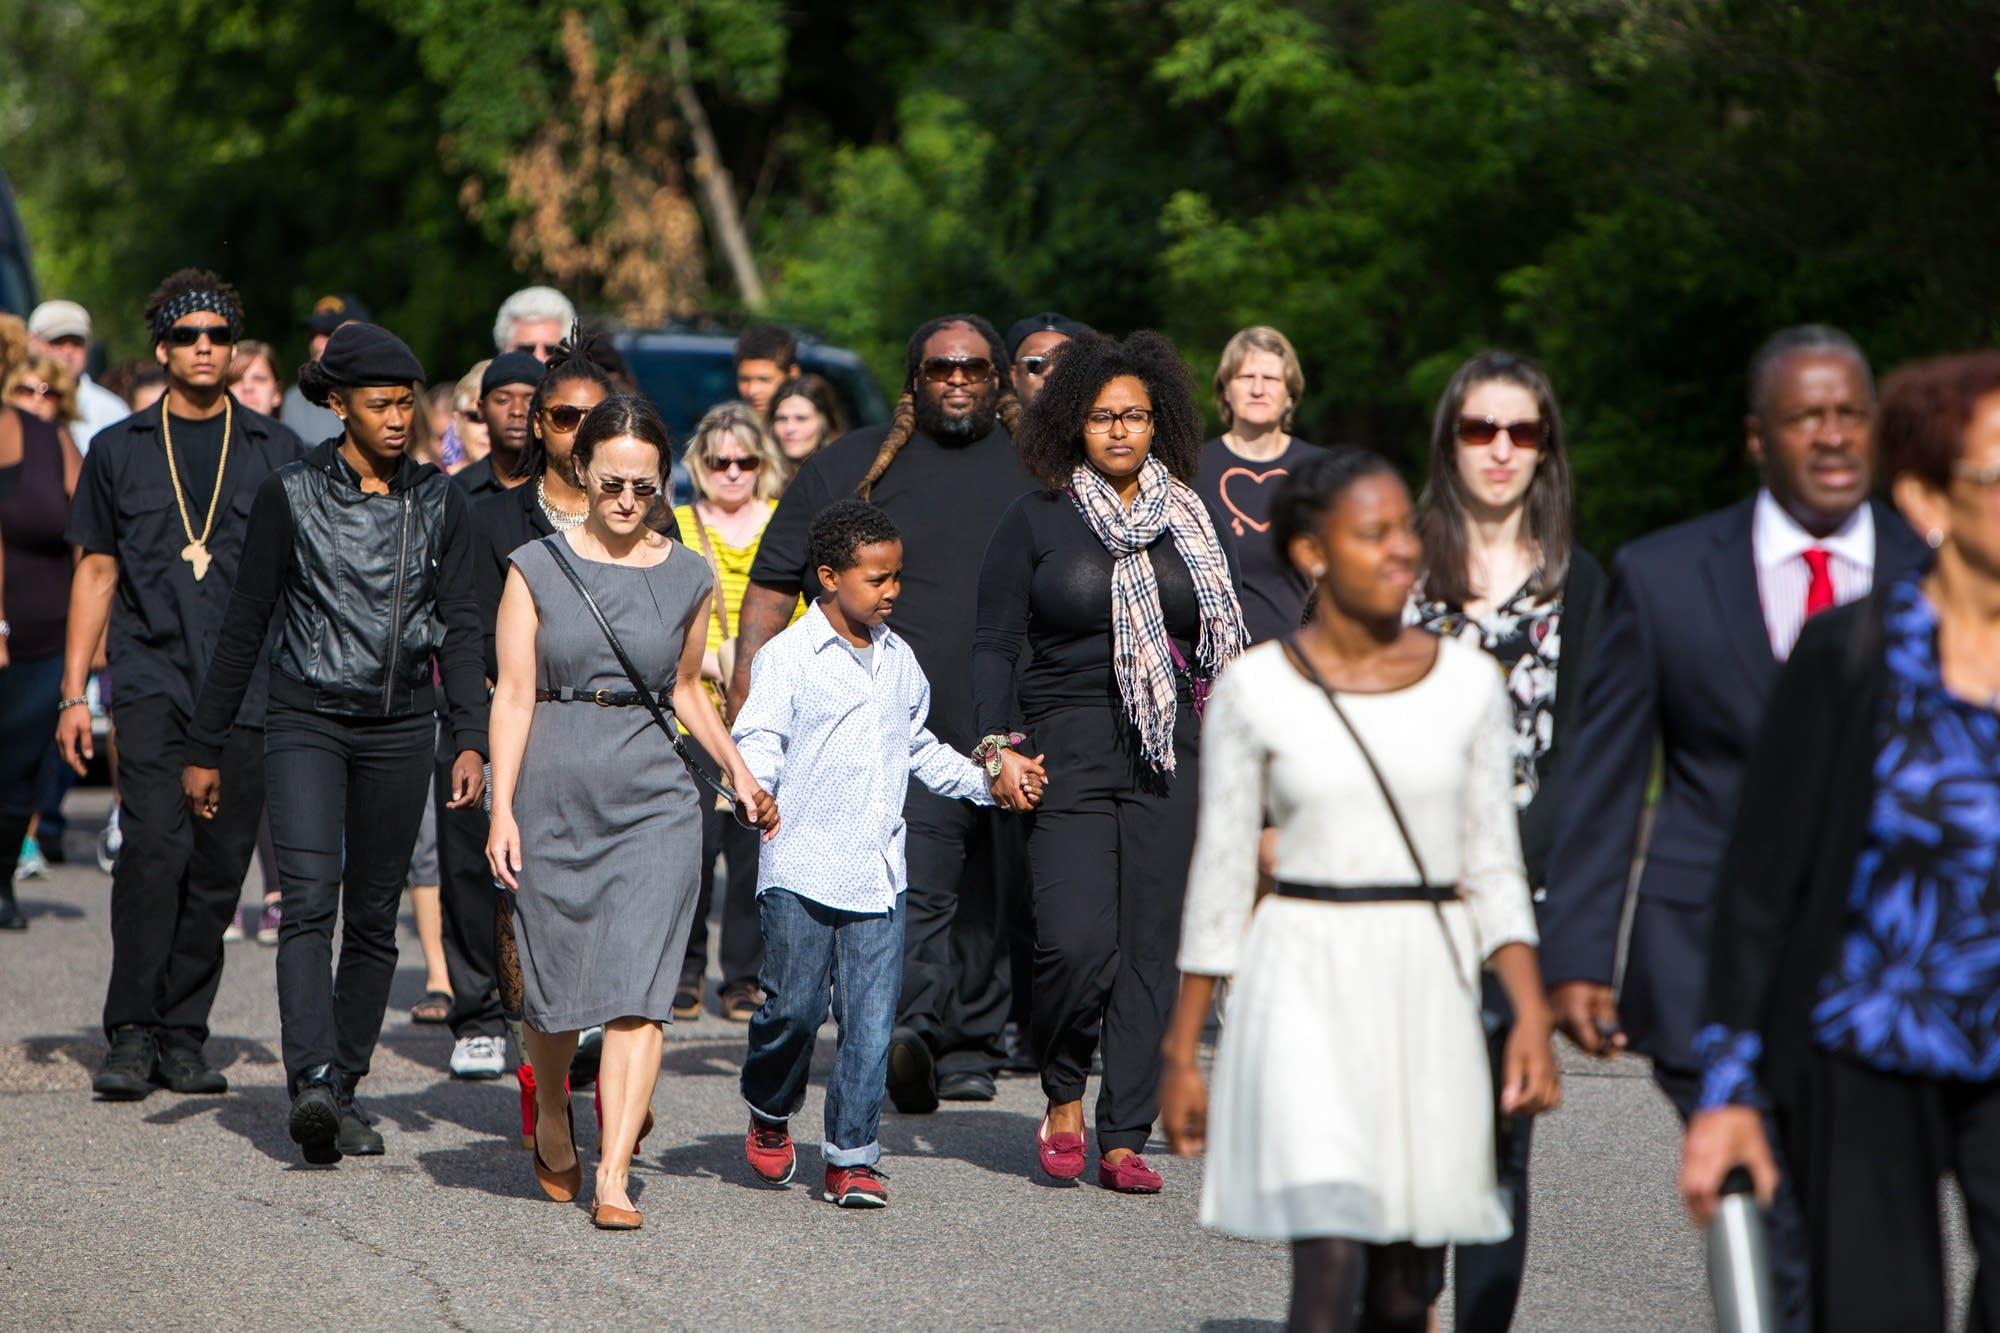 Mourners walk down Concordia Avenue